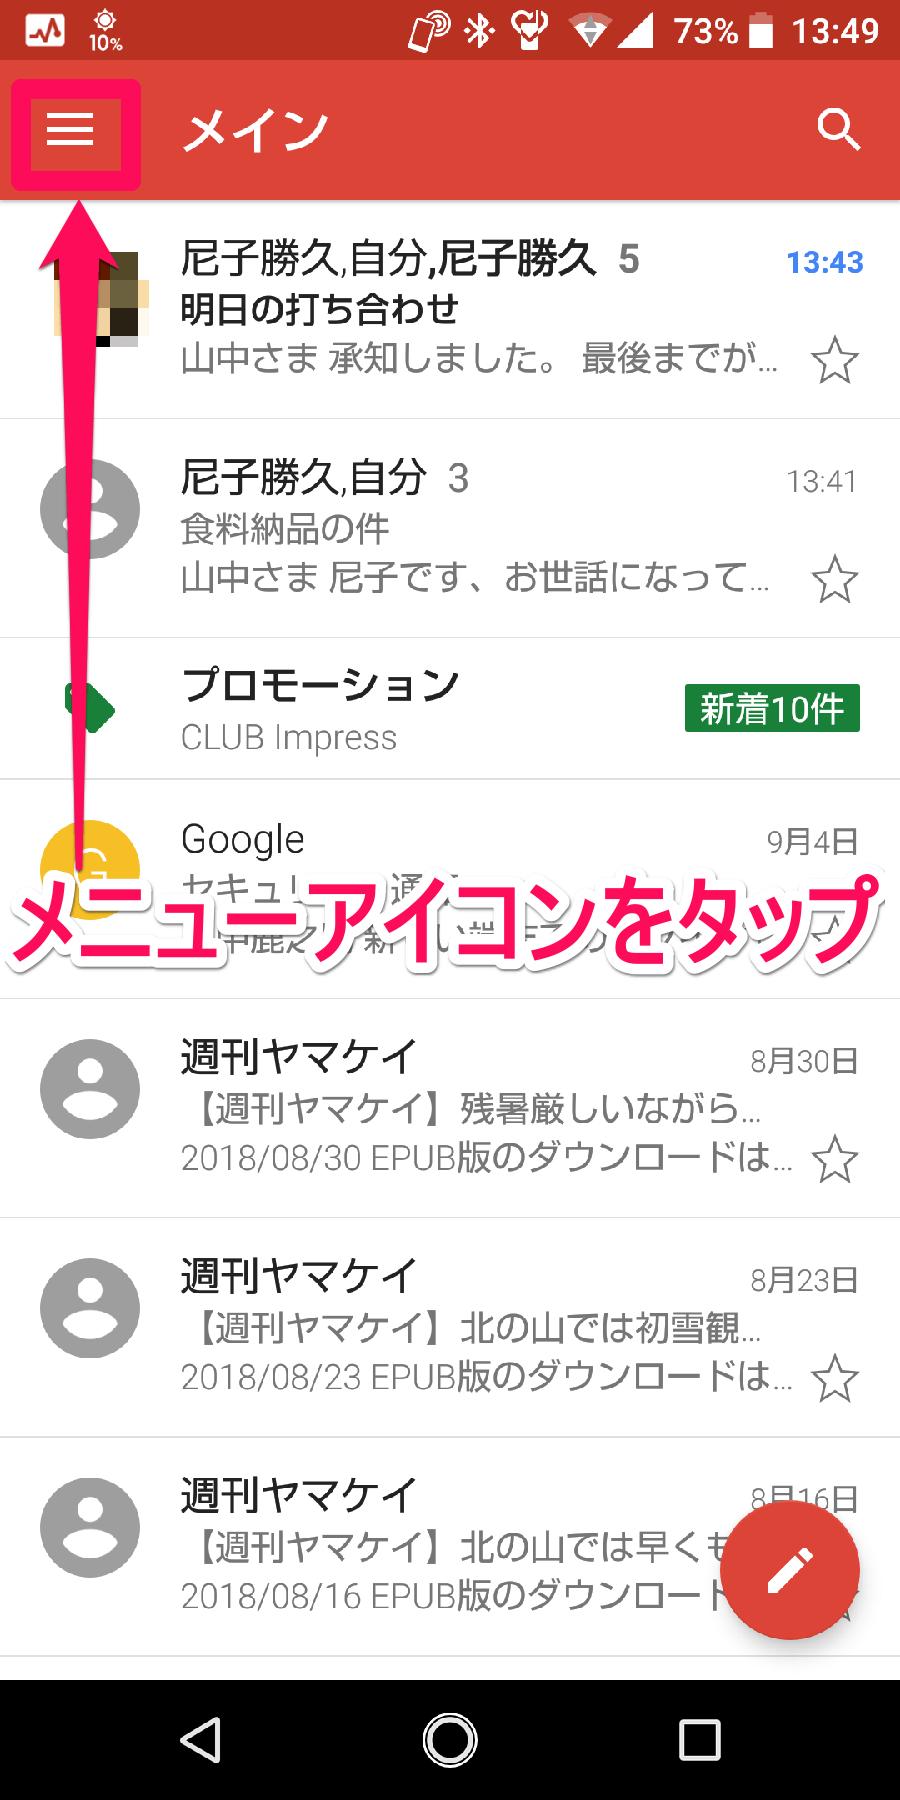 Gmail(ジーメール)アプリのメイン画面